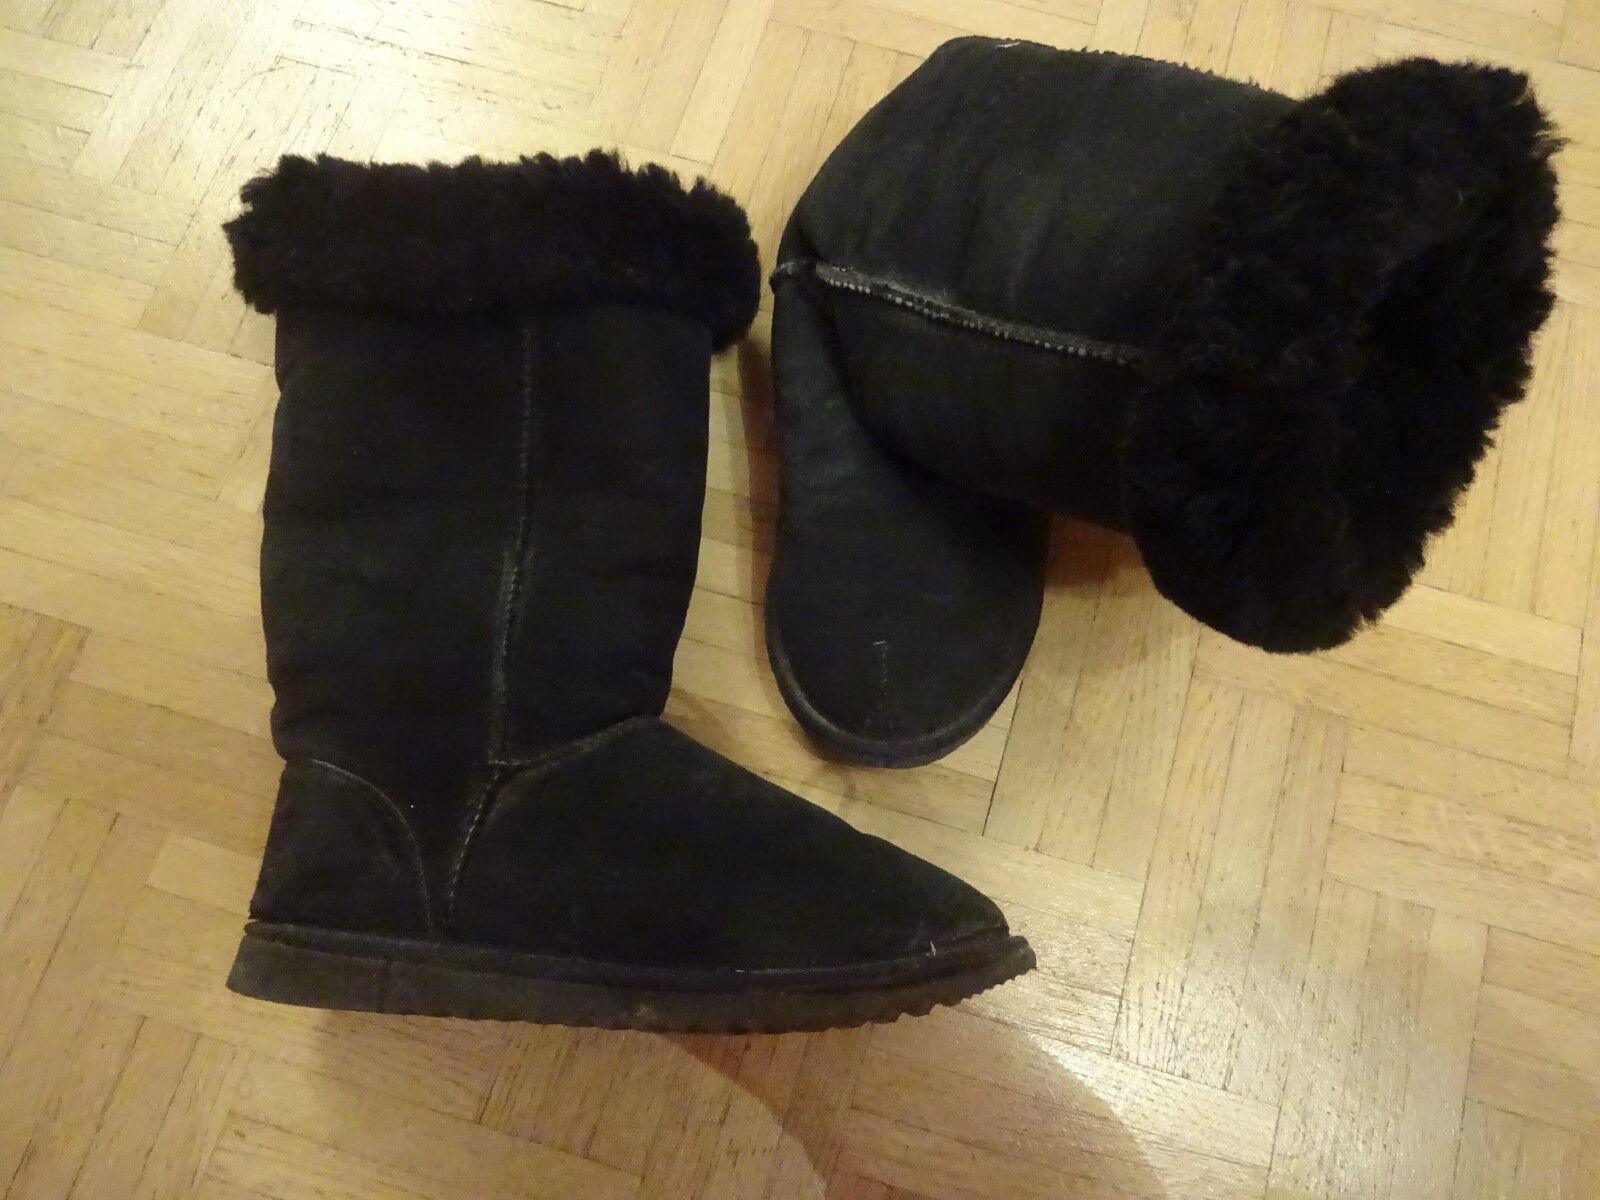 Classic Aussie Damen Stiefel Stiefeletten schwarz Schaf Lammfell  Gr. 41-42 Leder